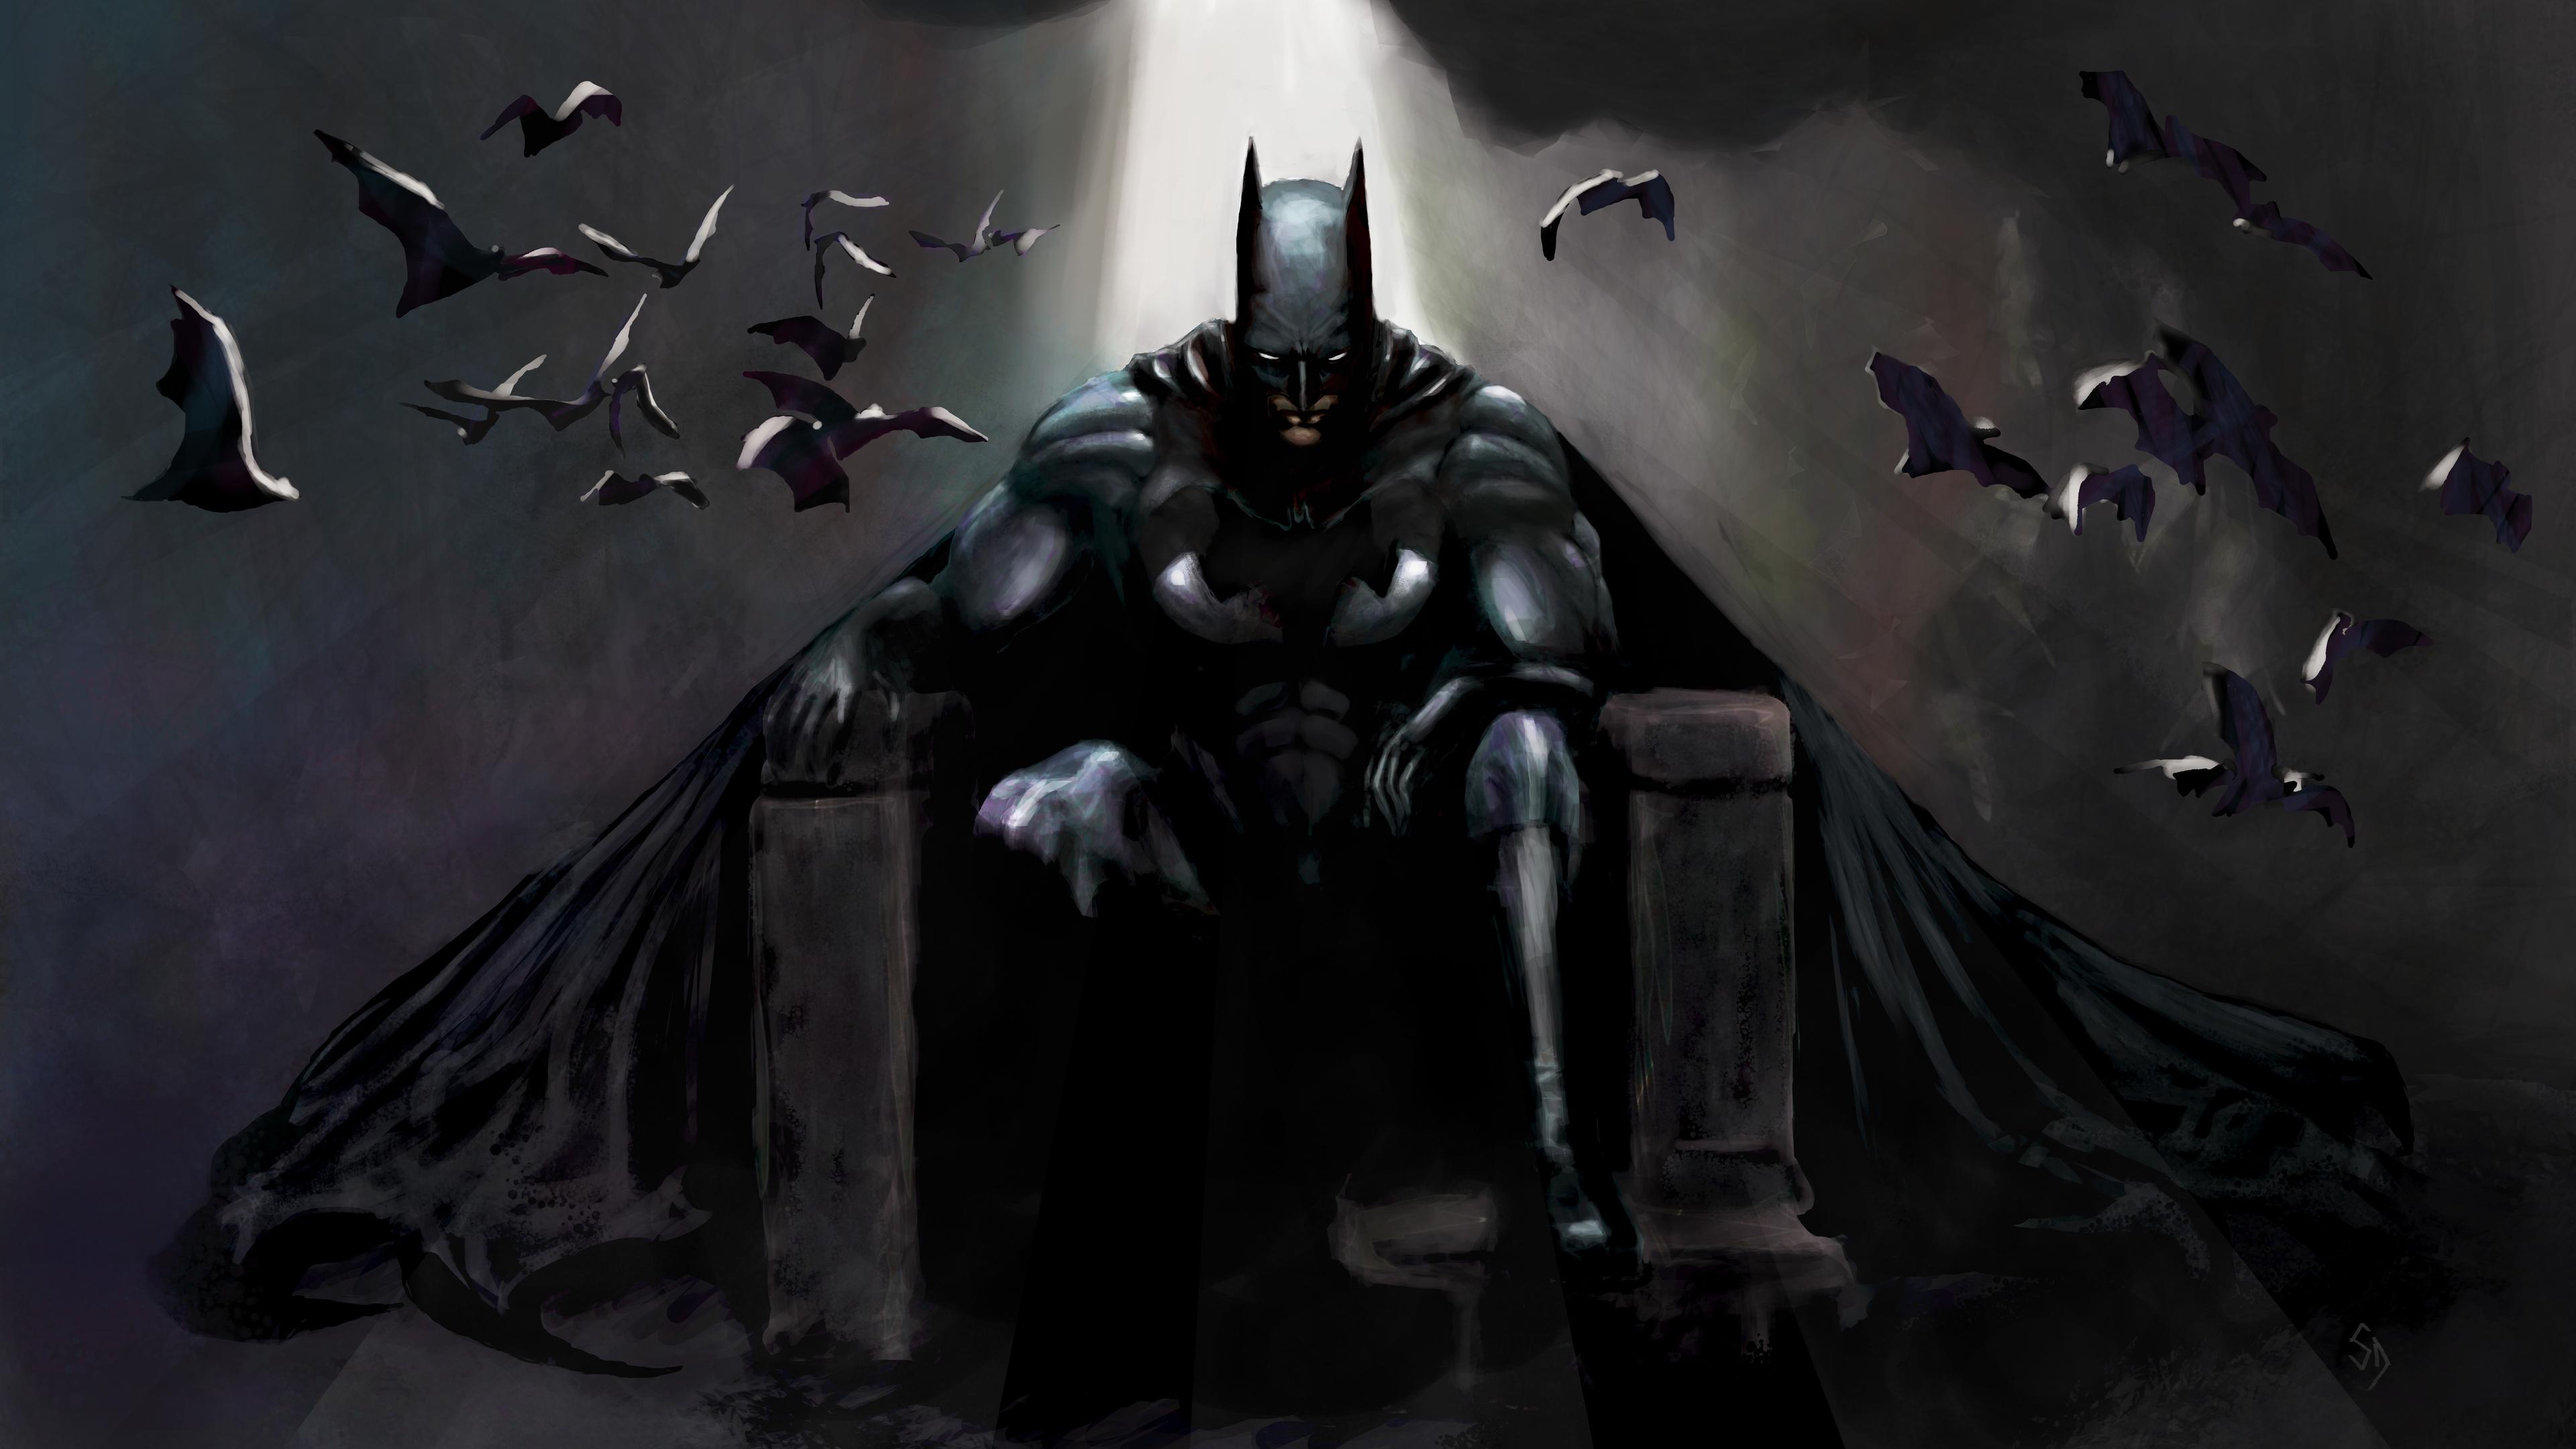 batman gothic contemplation 4k 1553071728 - Batman Gothic Contemplation 4k - superheroes wallpapers, hd-wallpapers, digital art wallpapers, deviantart wallpapers, batman wallpapers, artwork wallpapers, 8k wallpapers, 5k wallpapers, 4k-wallpapers